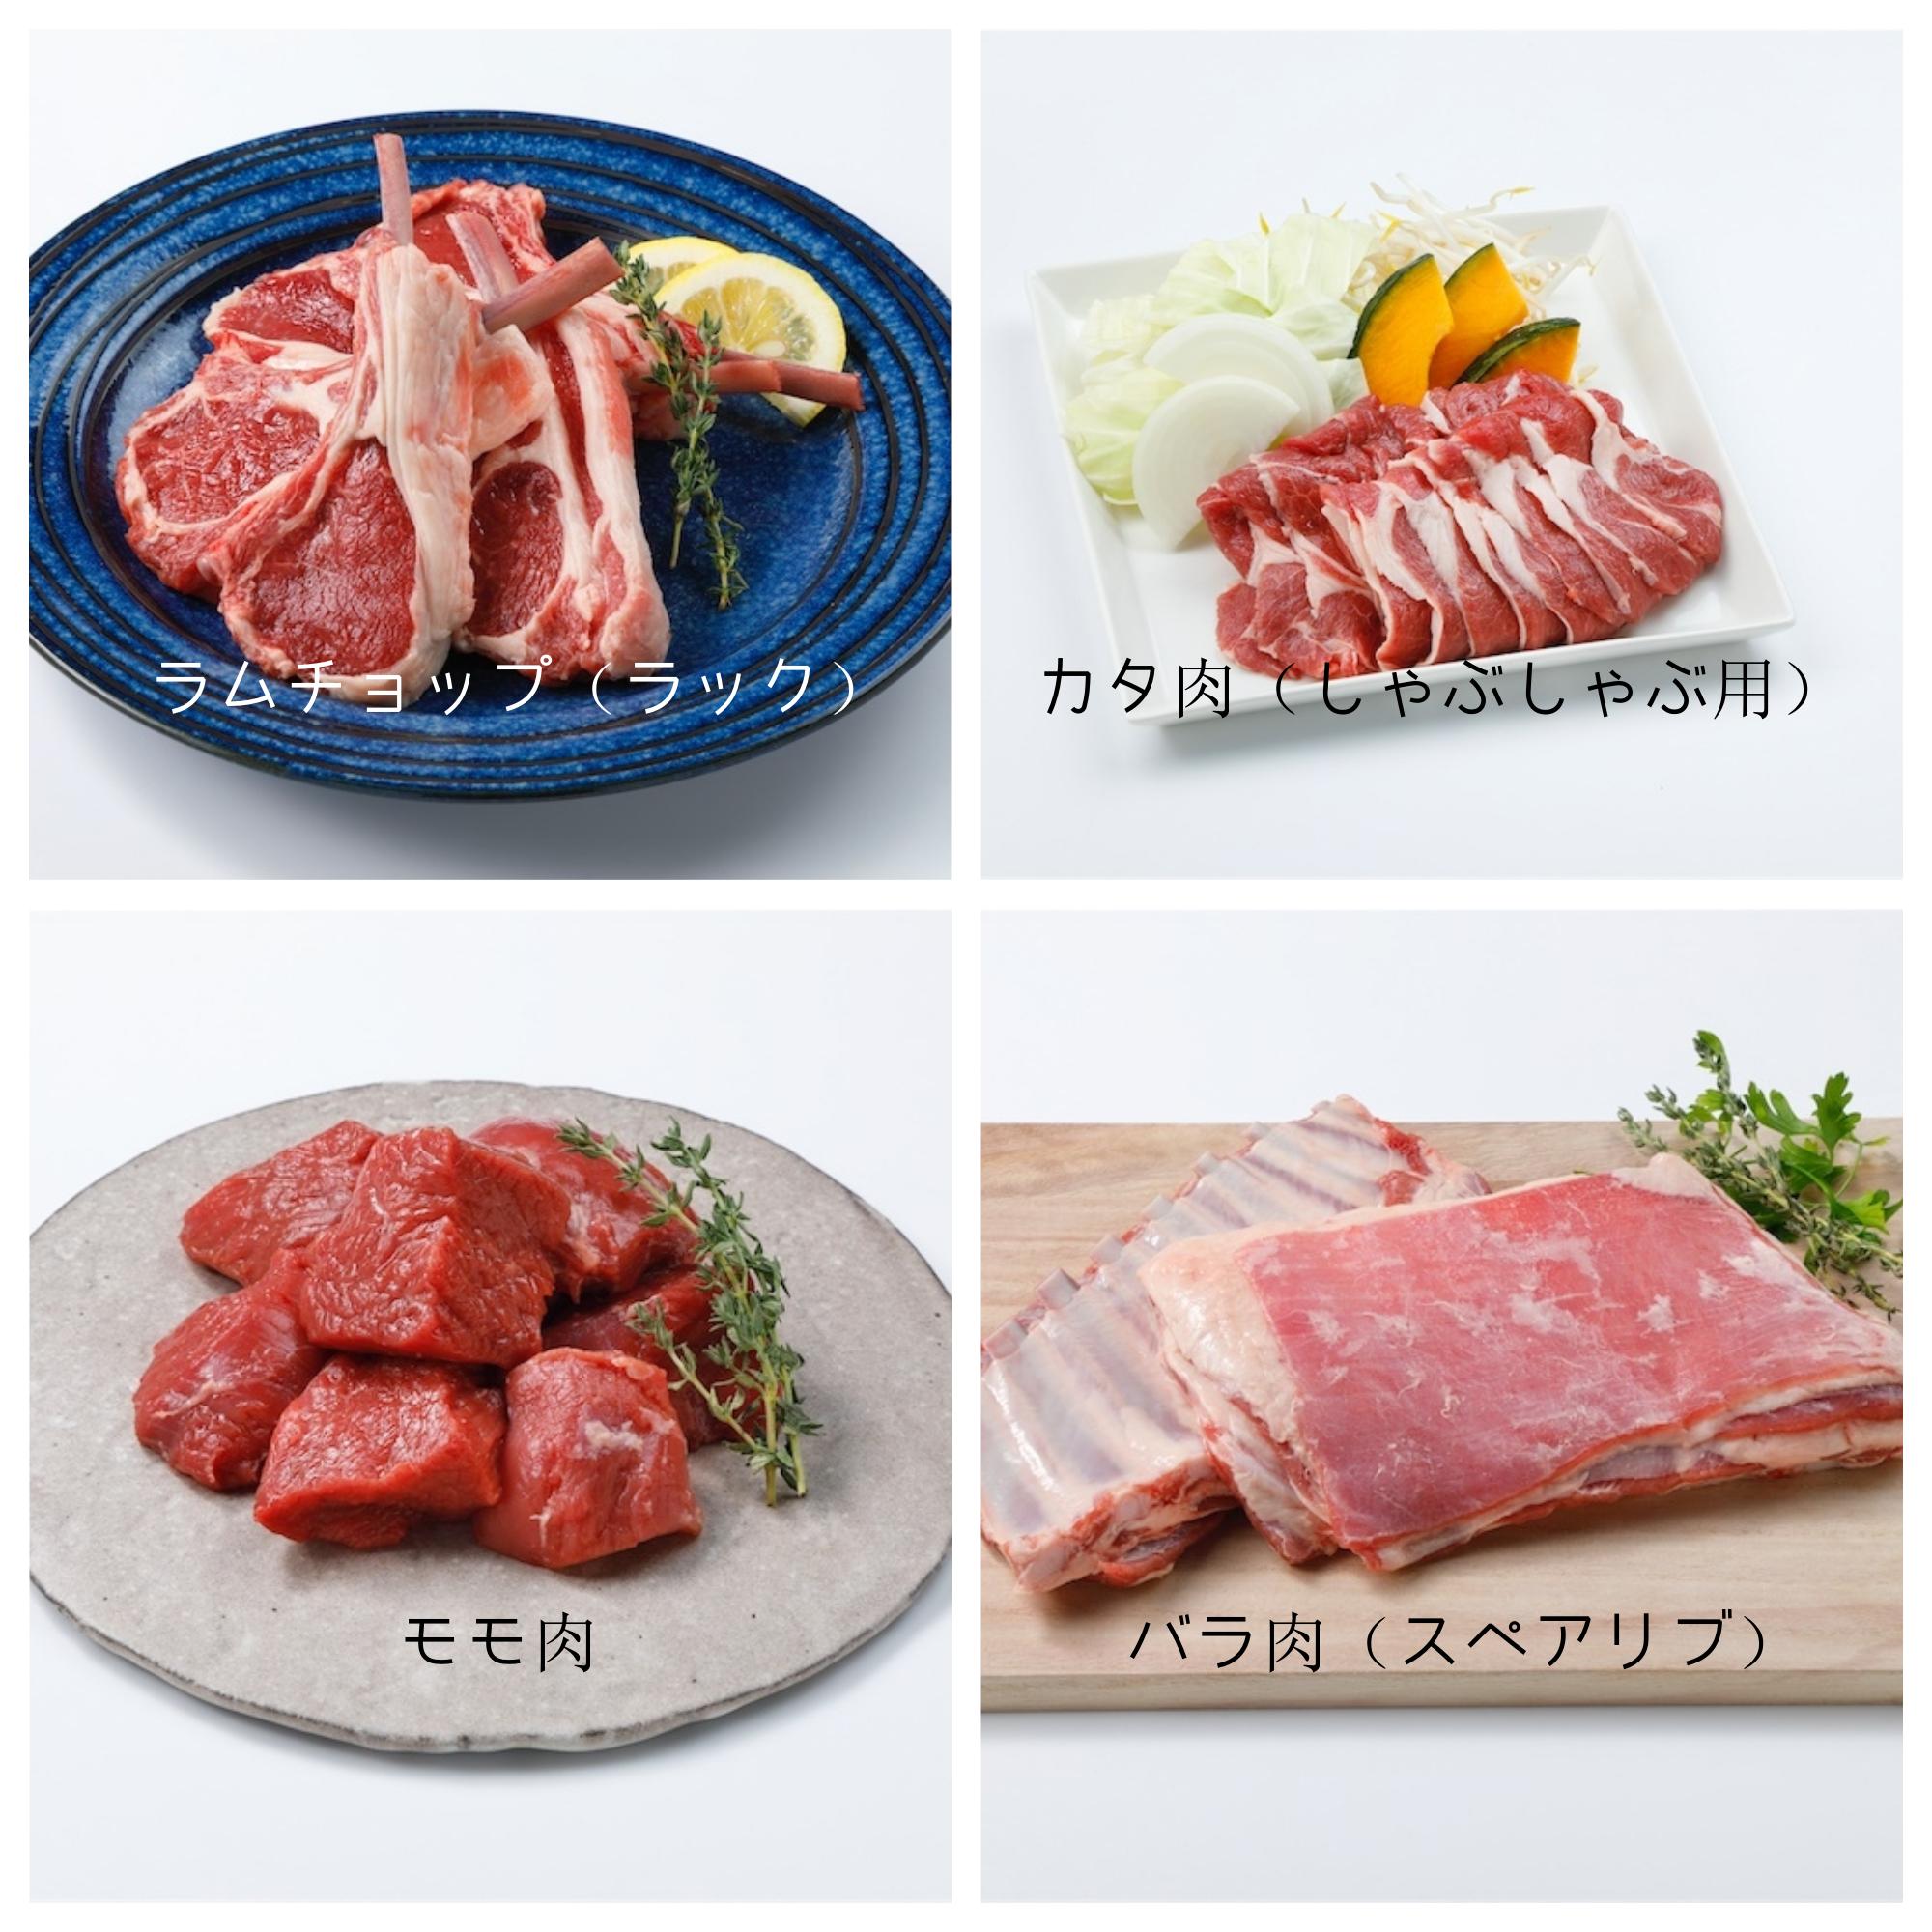 肉 栄養 ラム